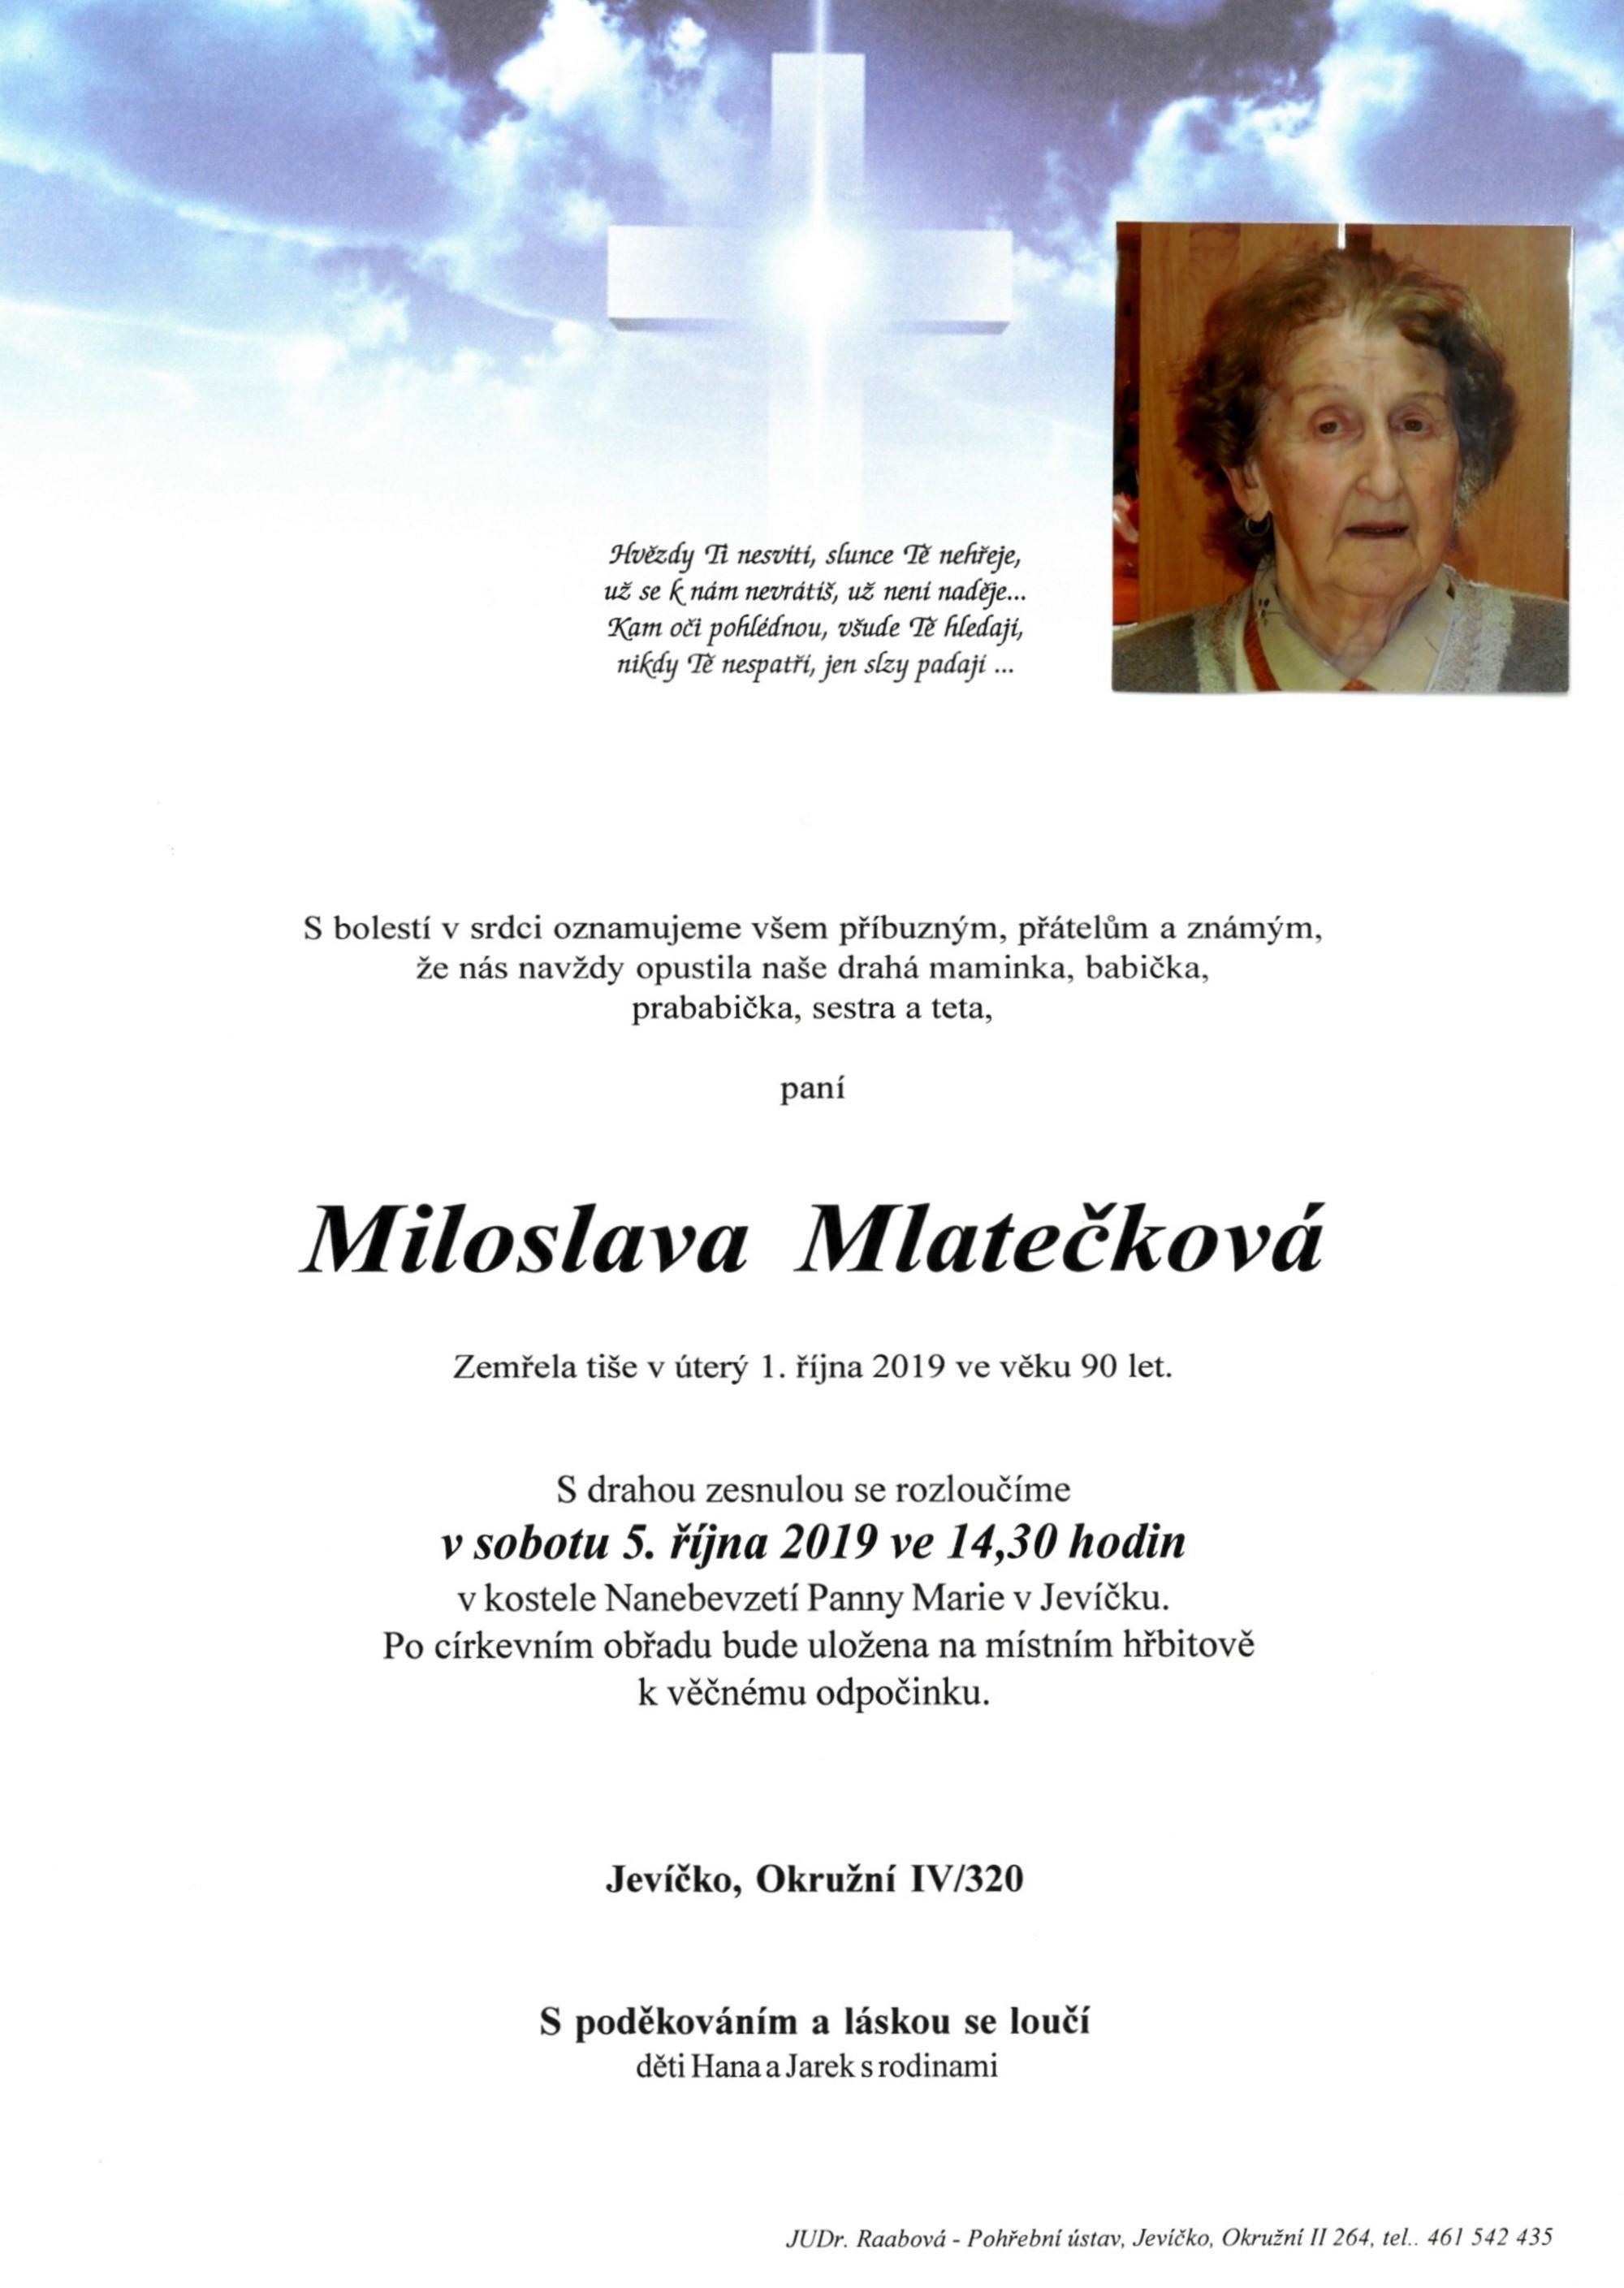 Miloslava Mlatečková